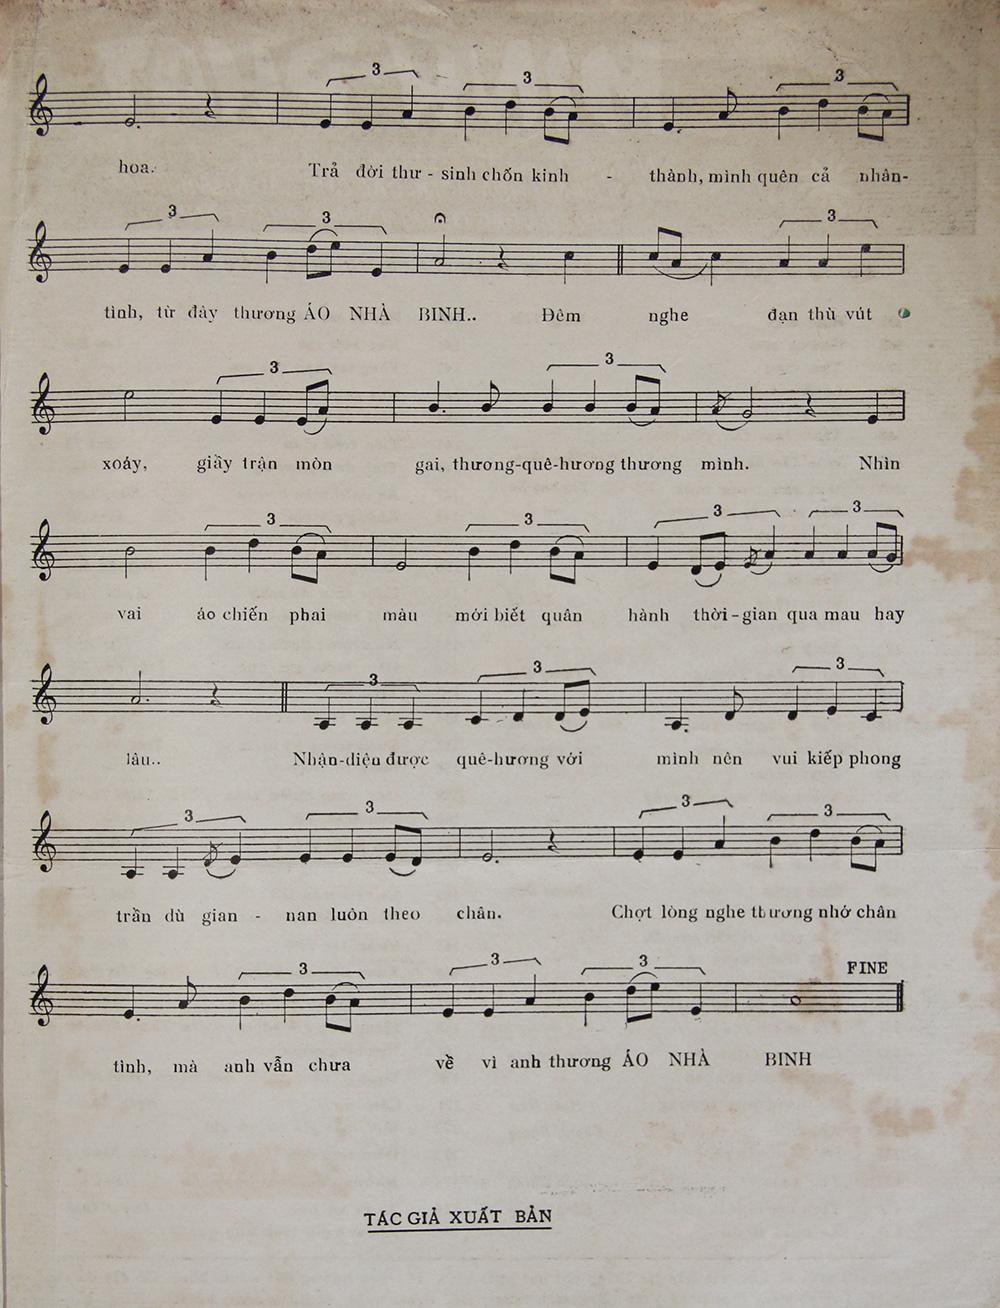 Sheet nhạc bài hát áo nhà binh 3